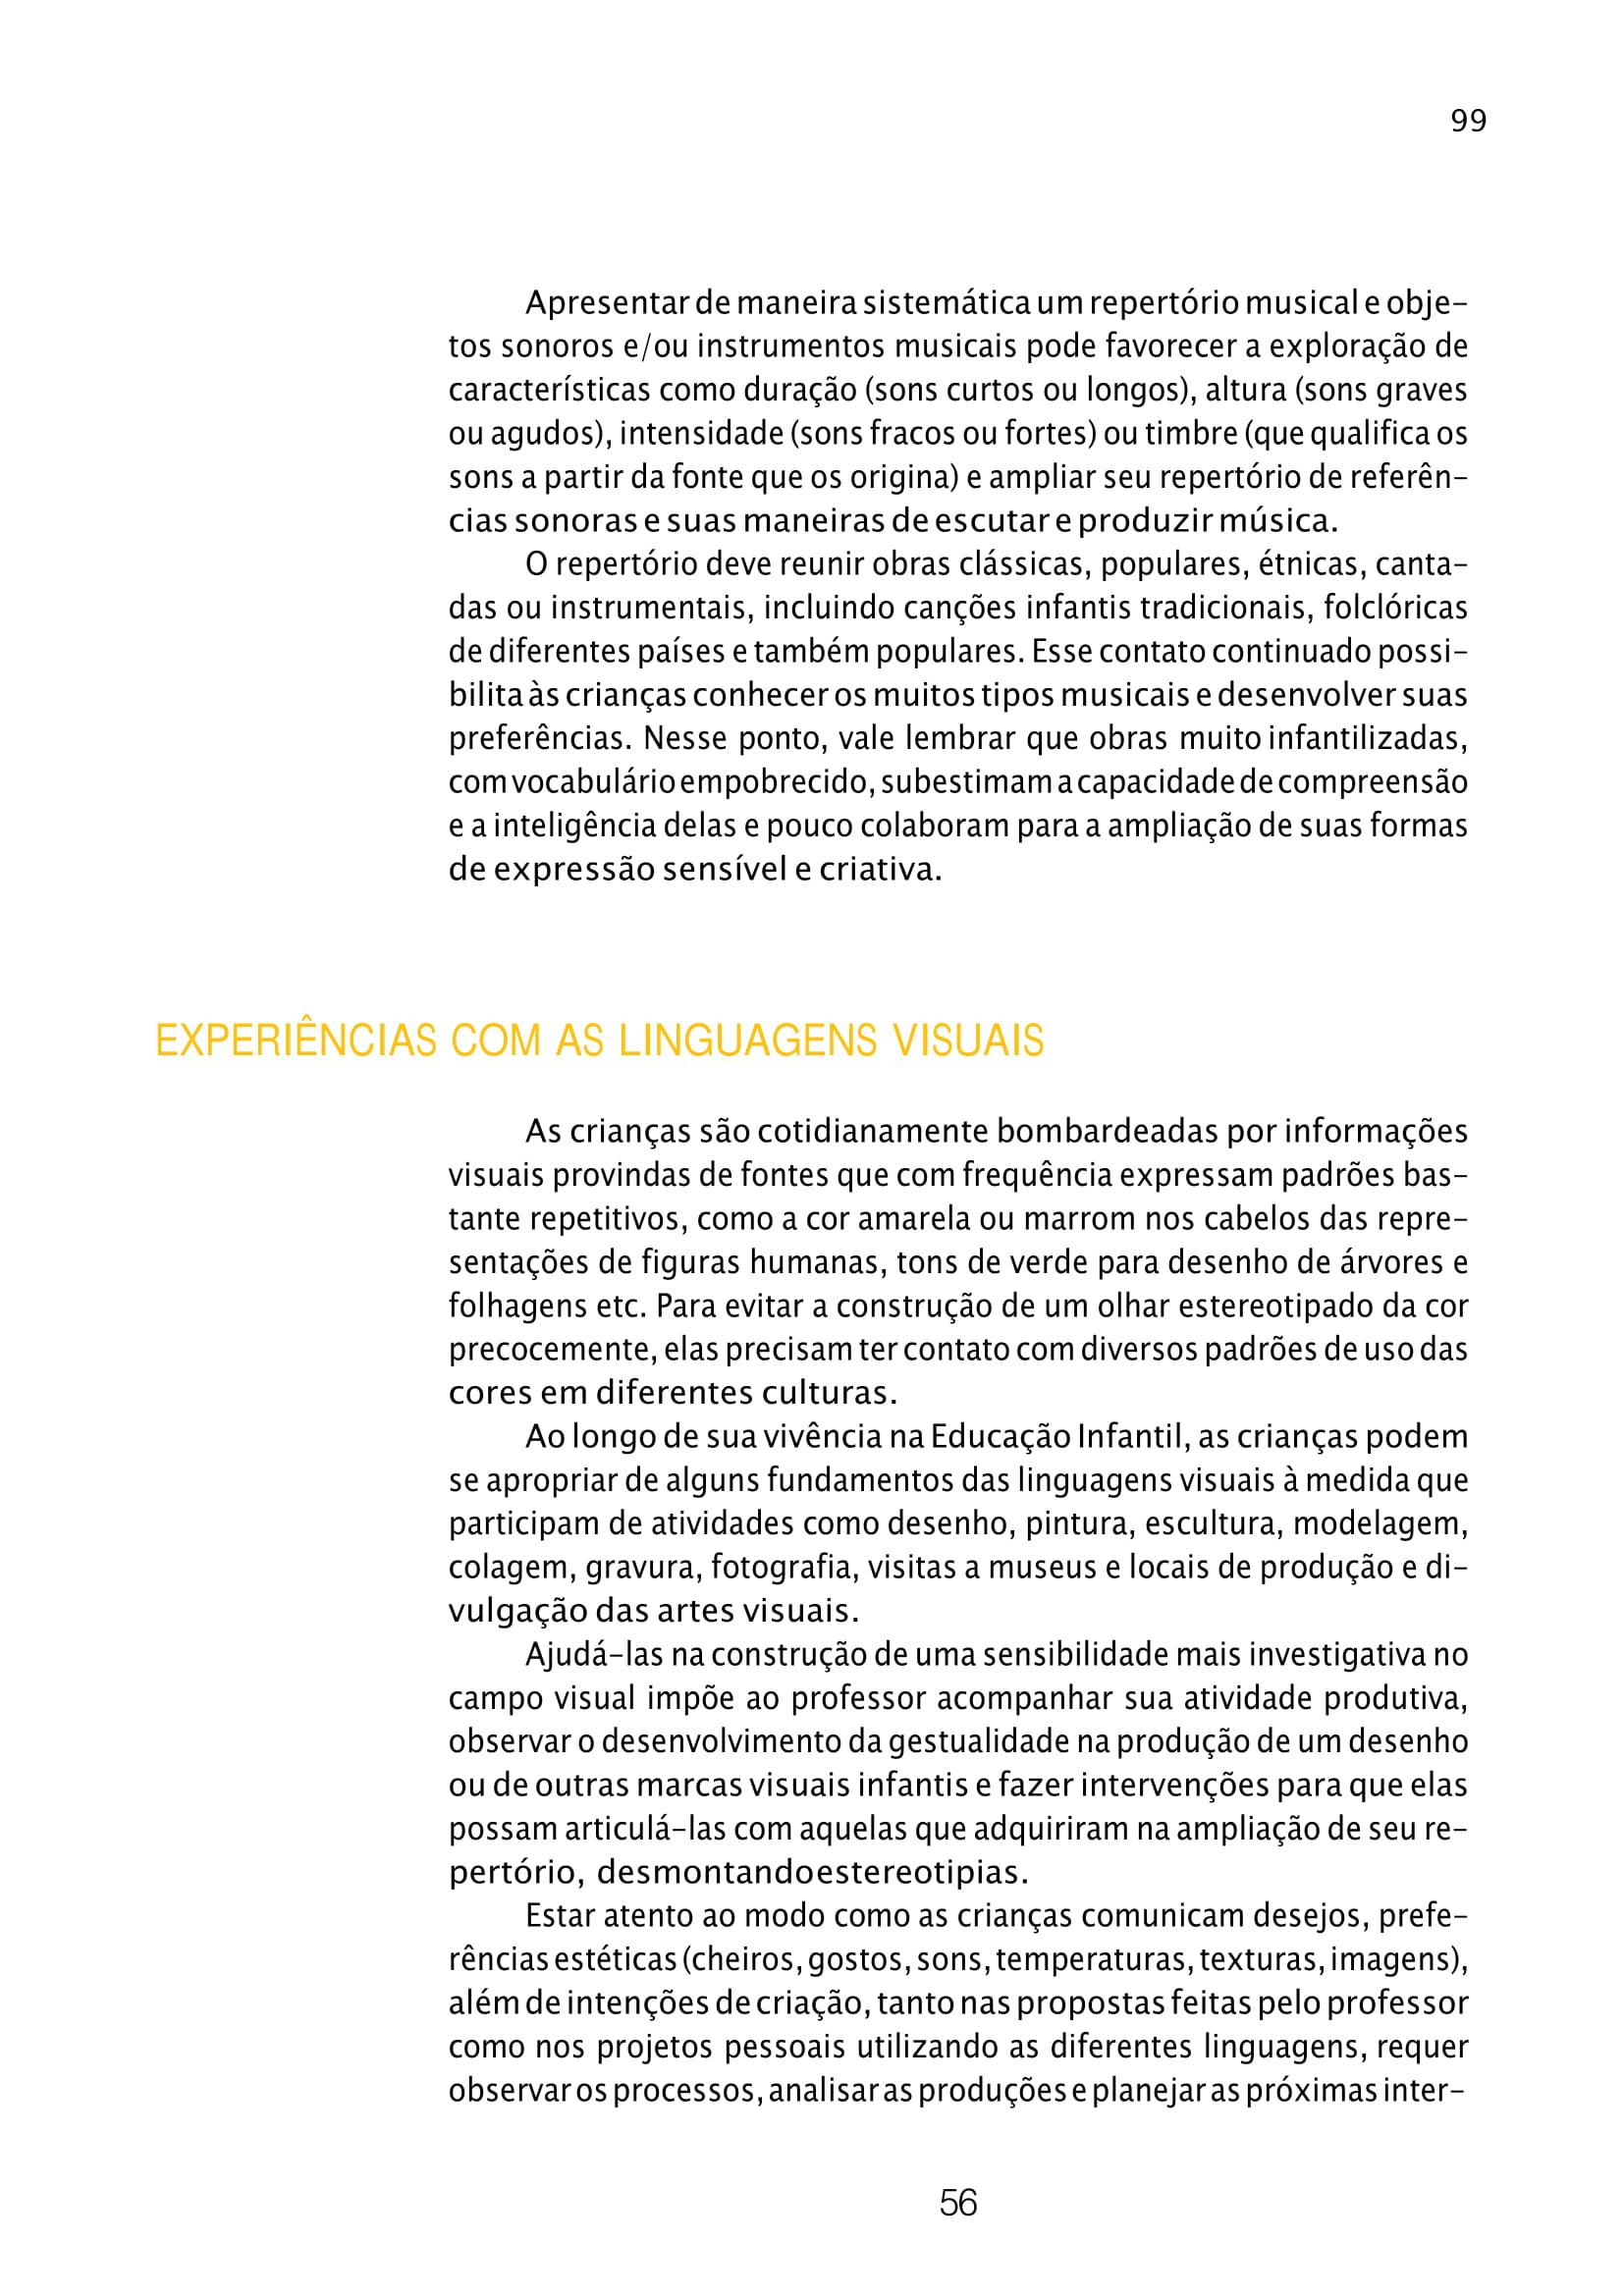 planejamento-educação-infantil-bncc-geral-129